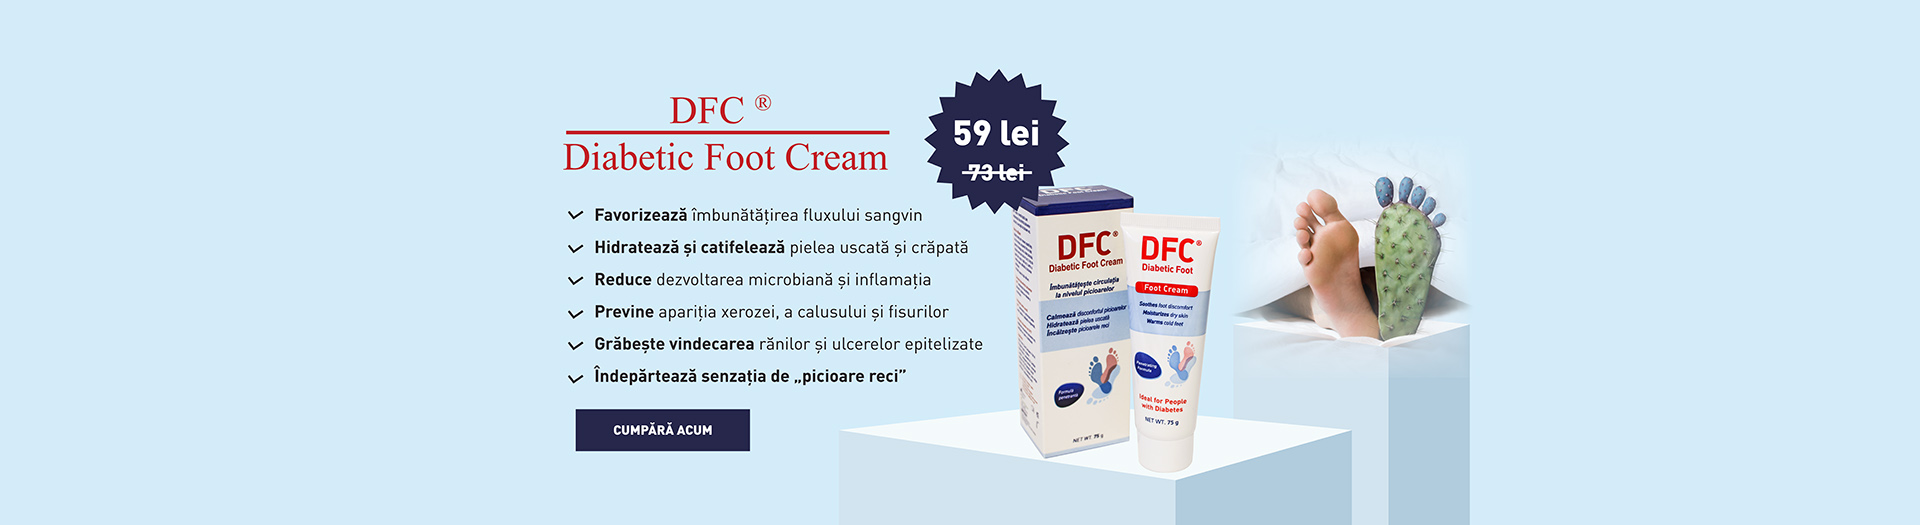 Promo Diabeti Foor cream